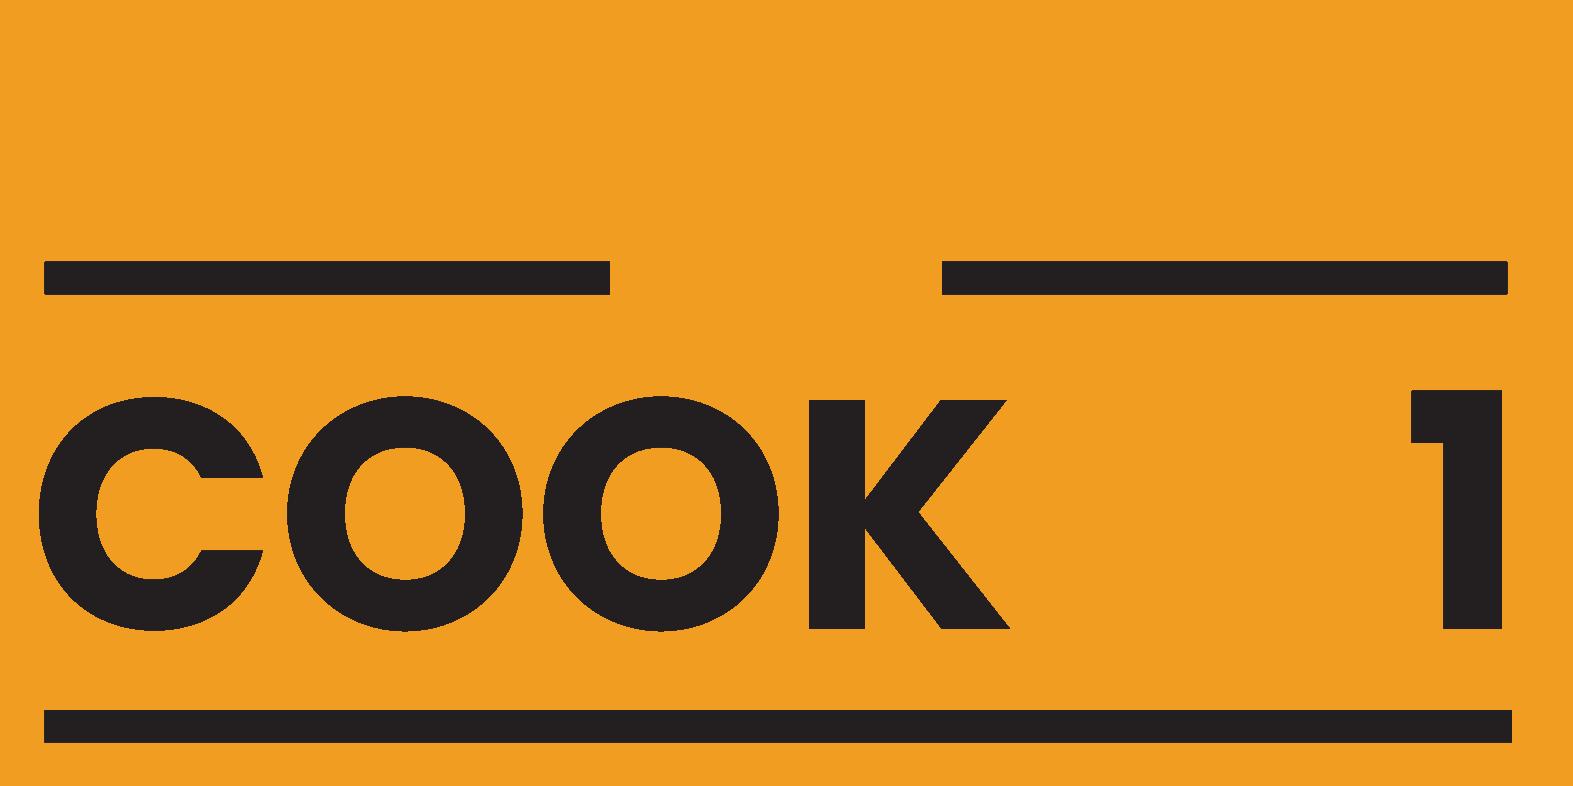 Cookin1